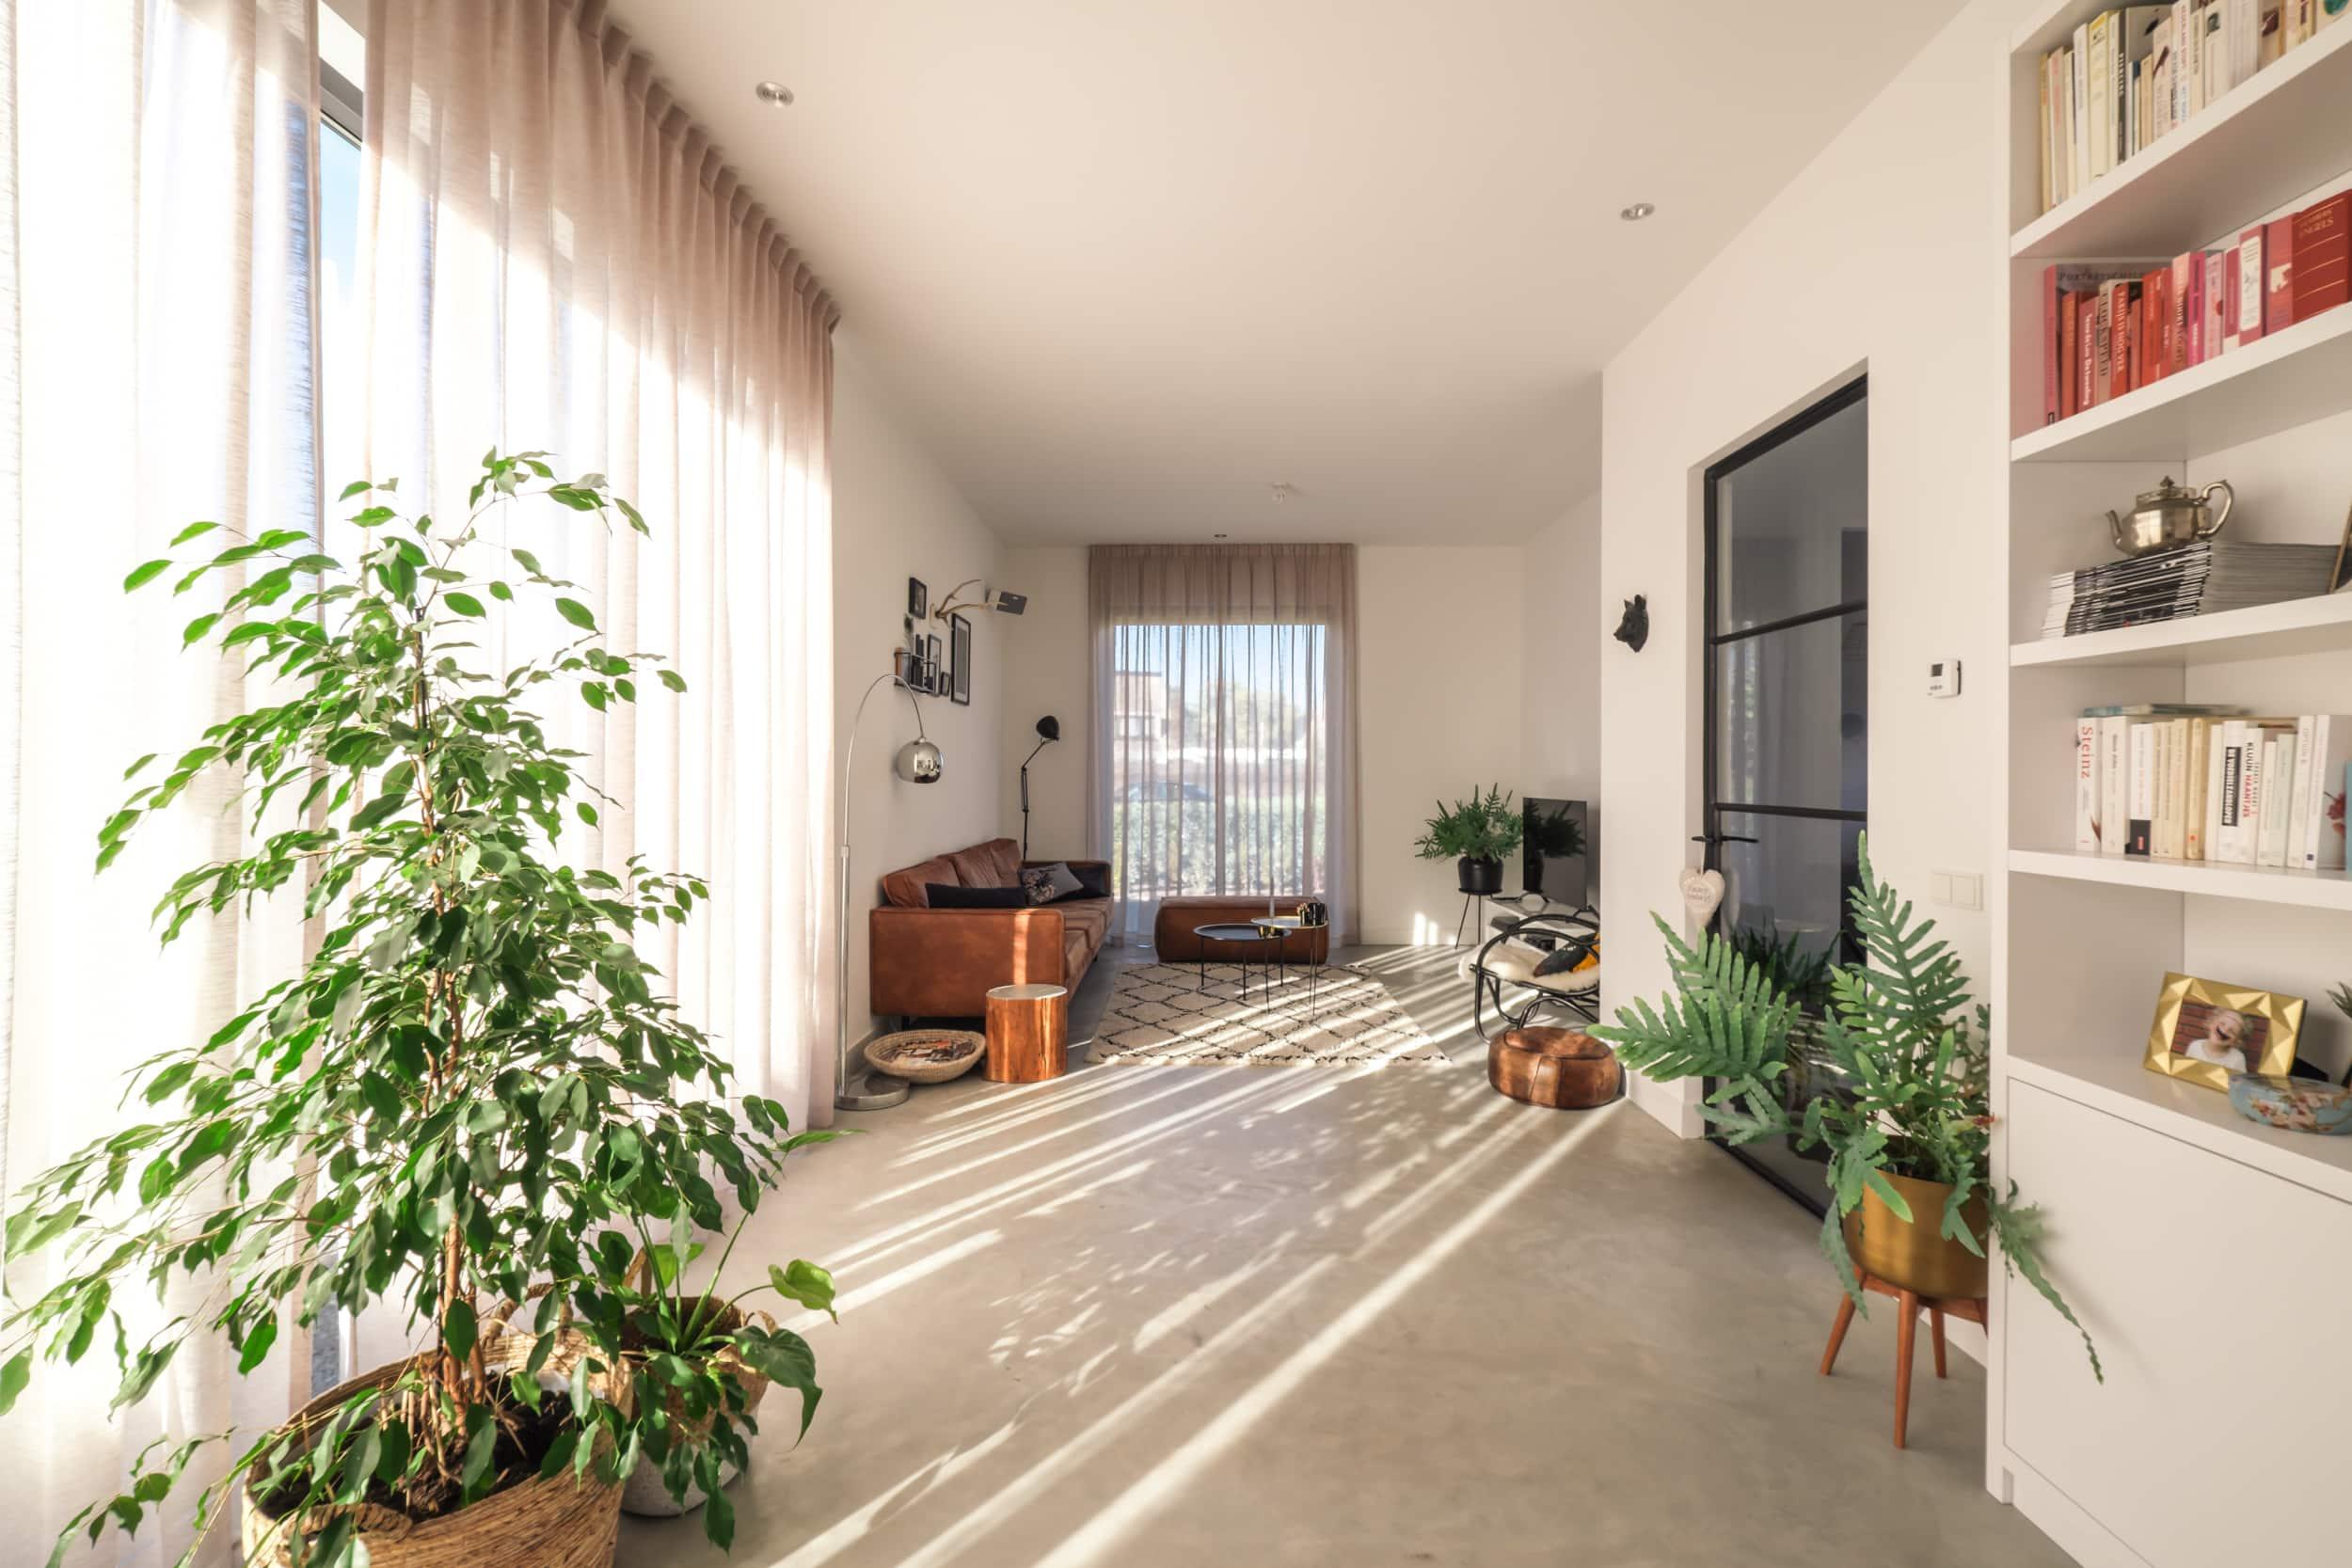 van-os-architecten-nieuwbouw-woning-Hoge-Gouw-Teteringen-zichtwerk-monolitische-betonvloer